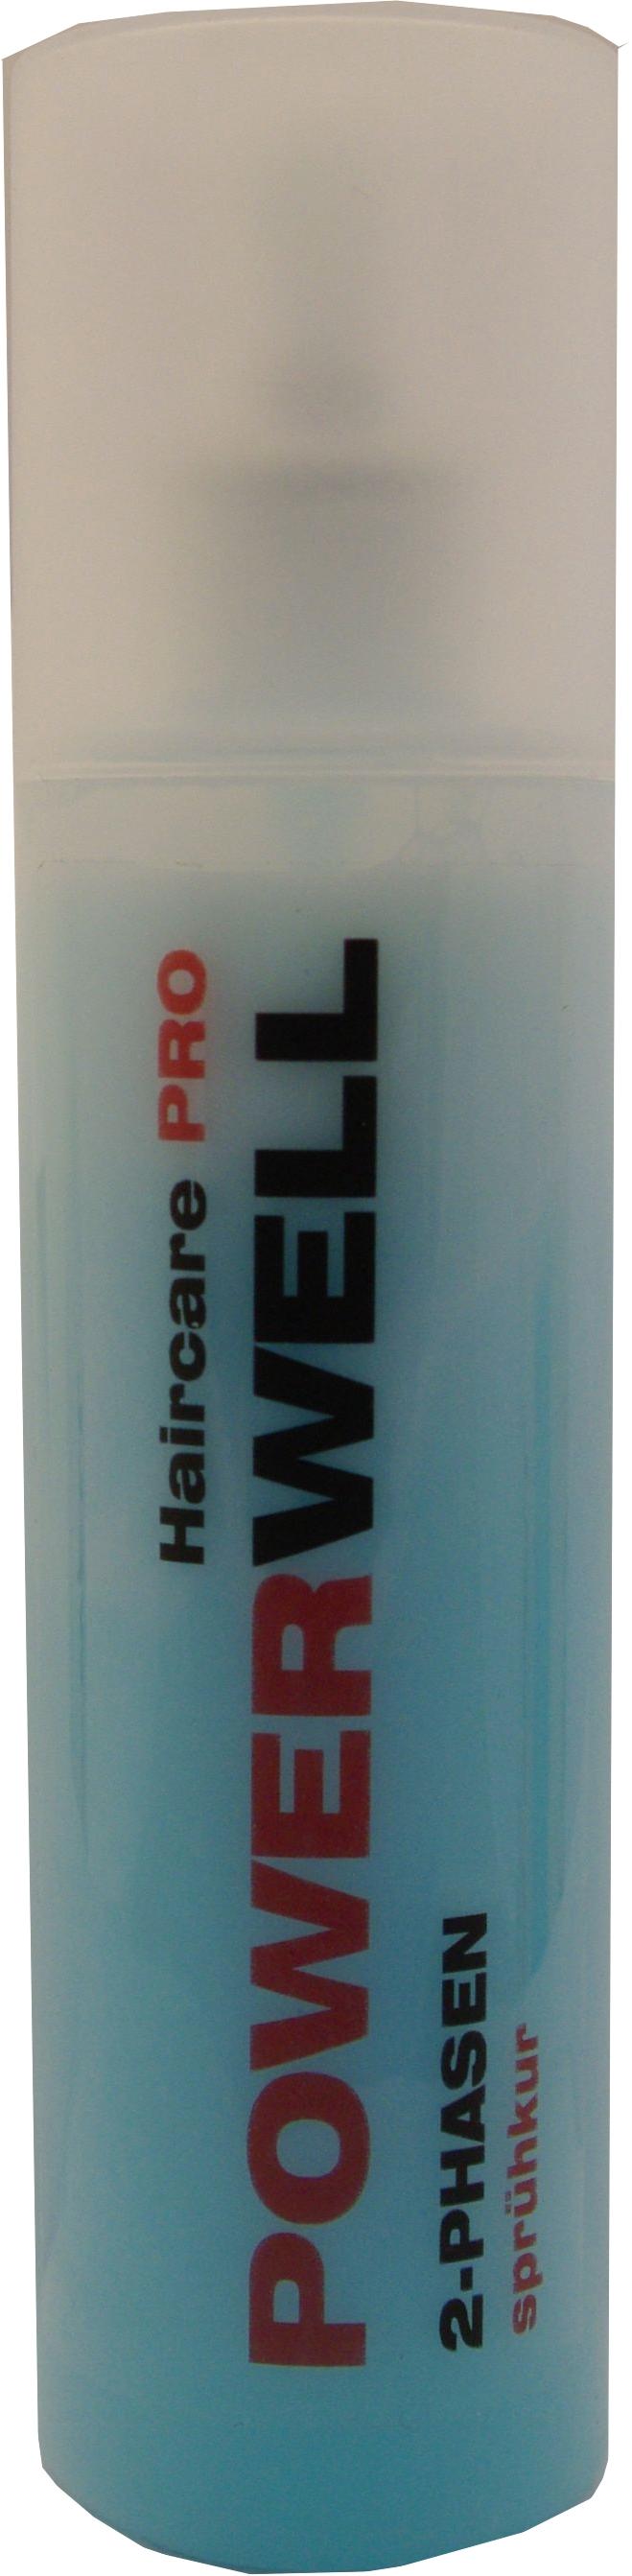 POWERWELL 2-Phasen Sprühkur 200 ml